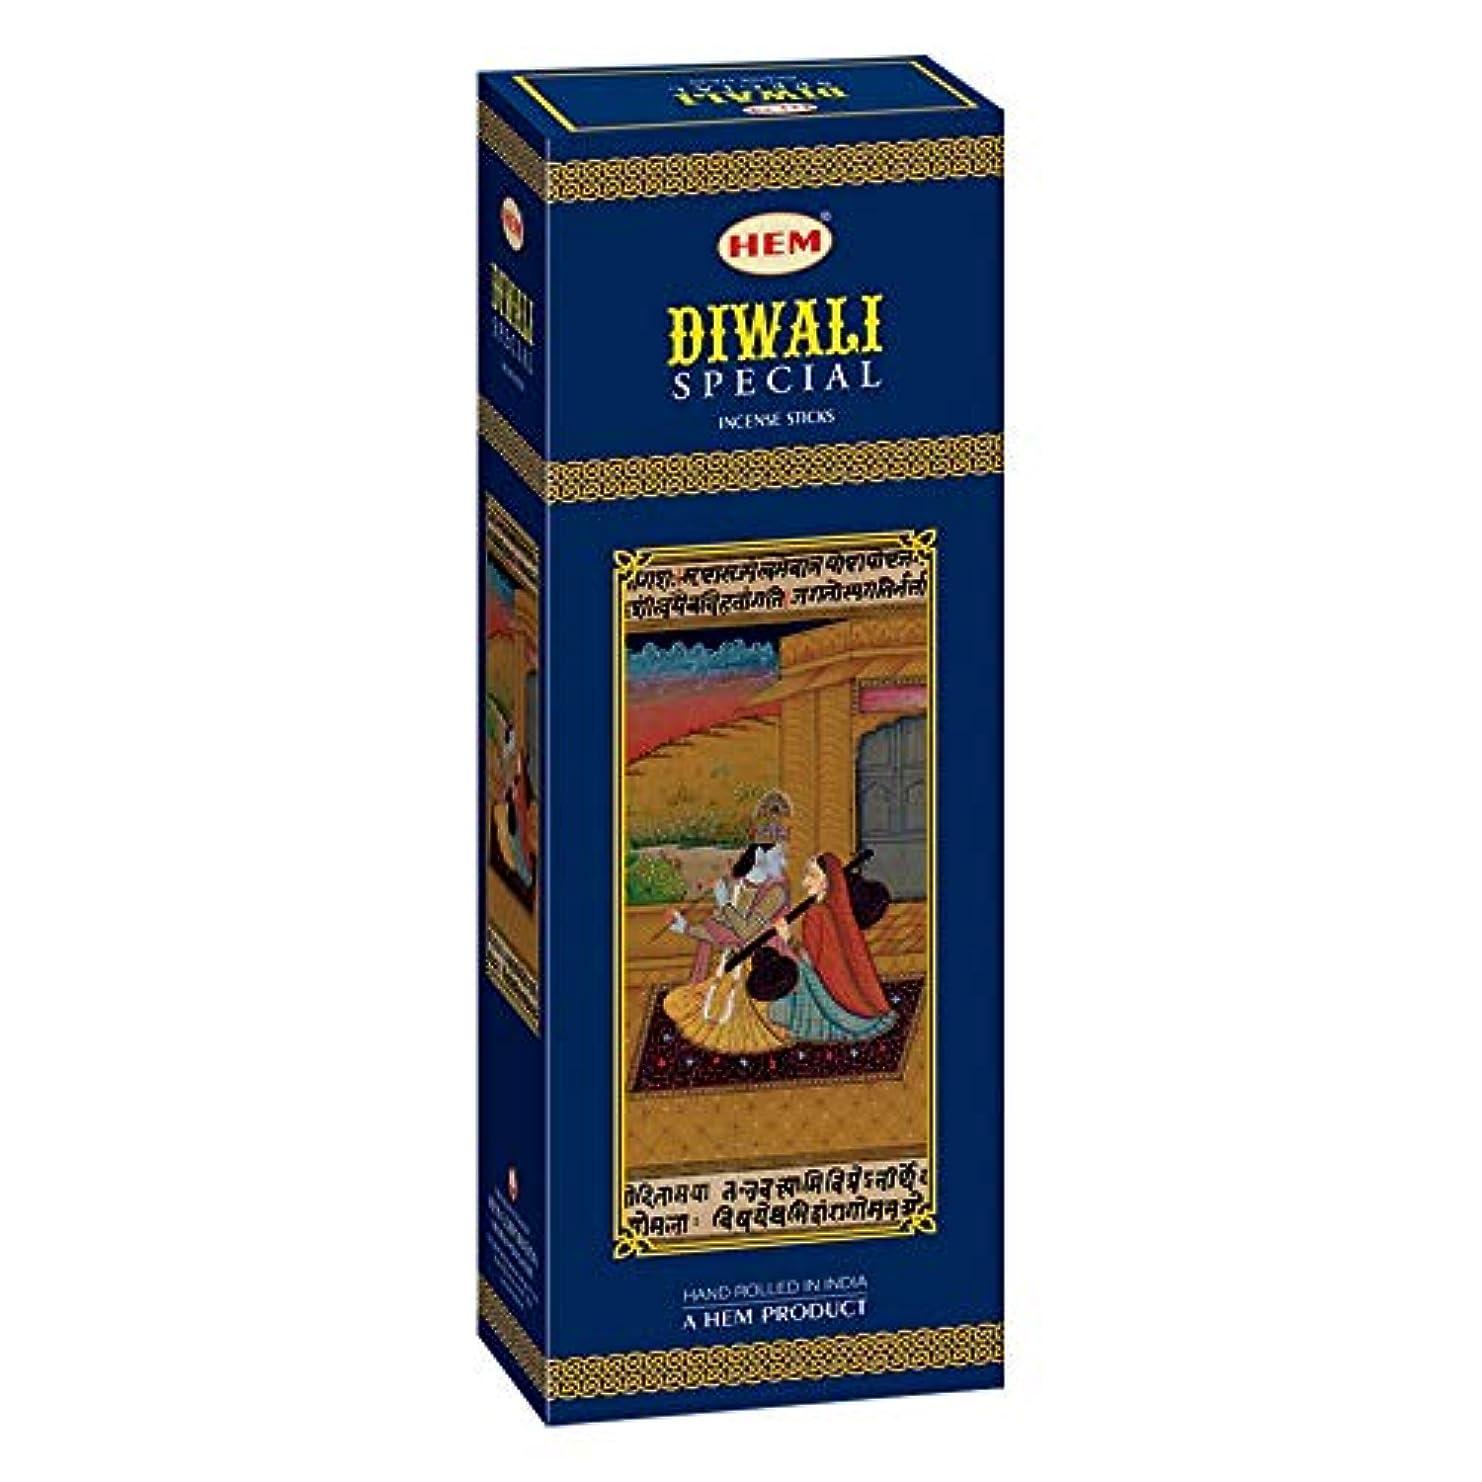 ソケット超えて実験をするHem Diwali Special Incense Sticks(9.3 cm X 6.0 cm X 25.5cm, Black)